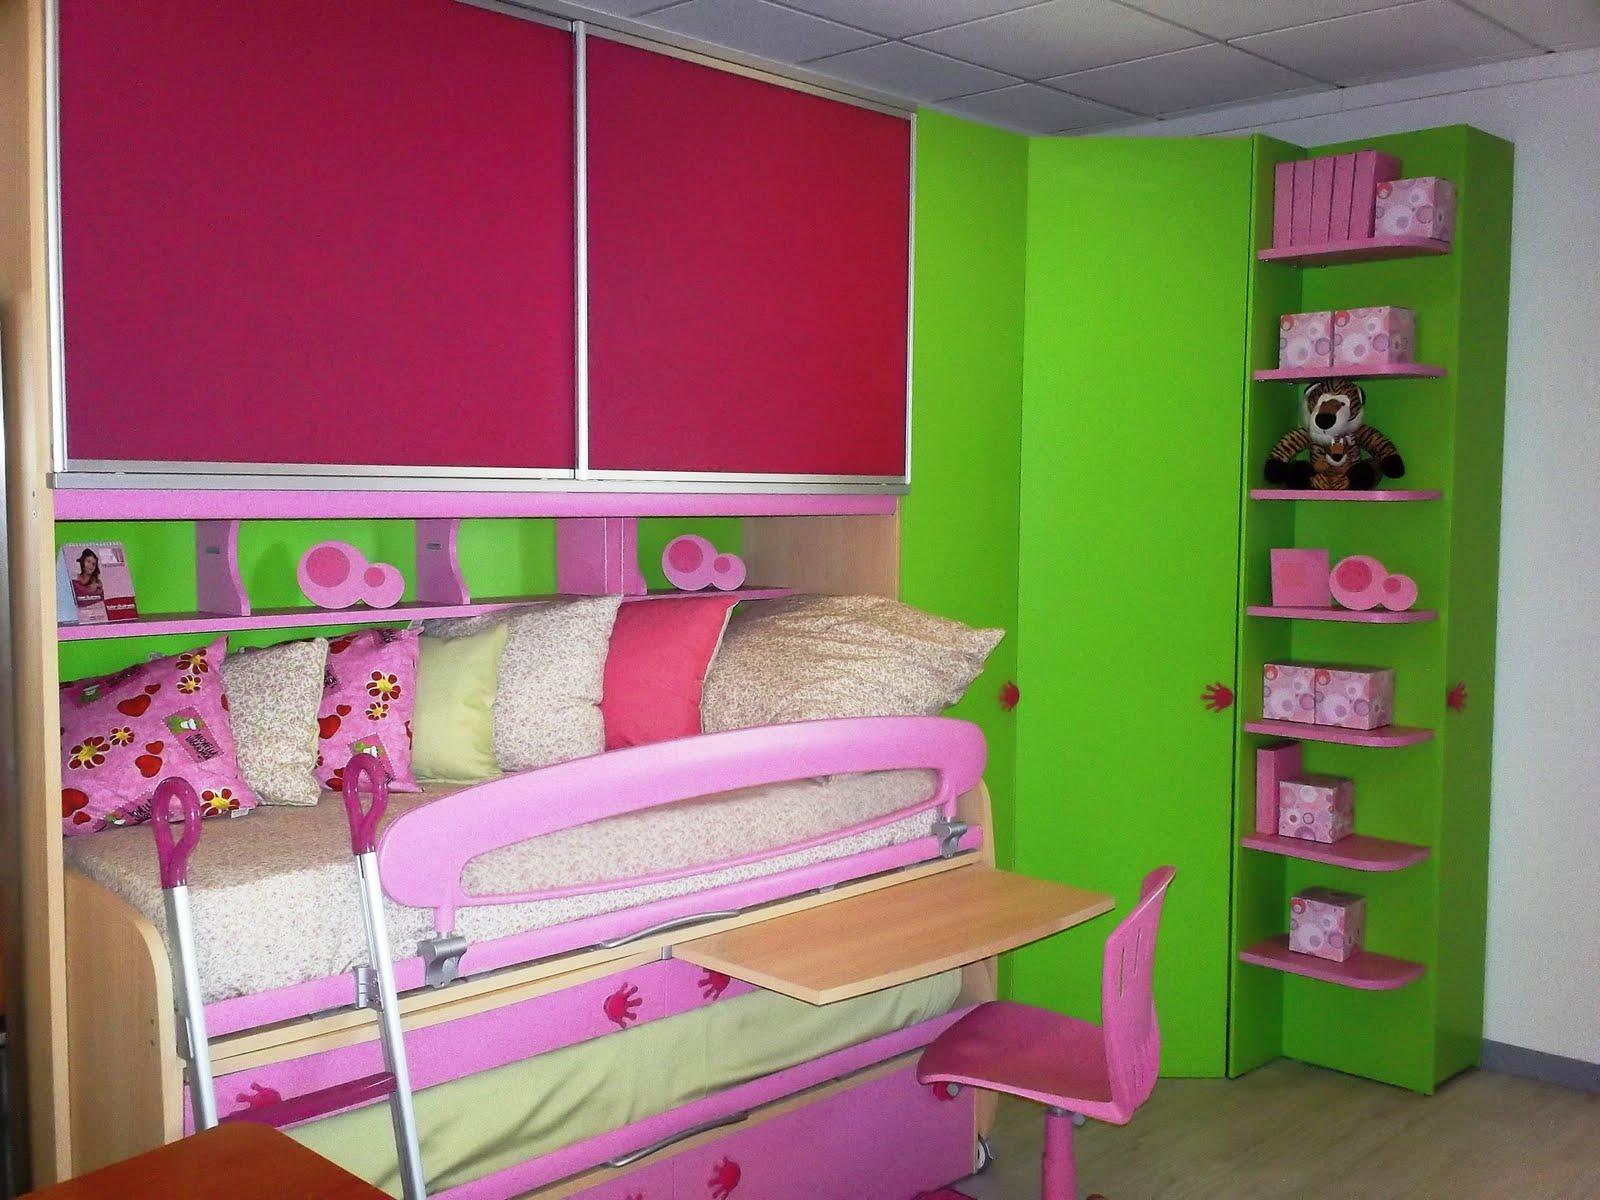 Centro camerette barbato cameretta ponte verde e rosa con for Cameretta rosa